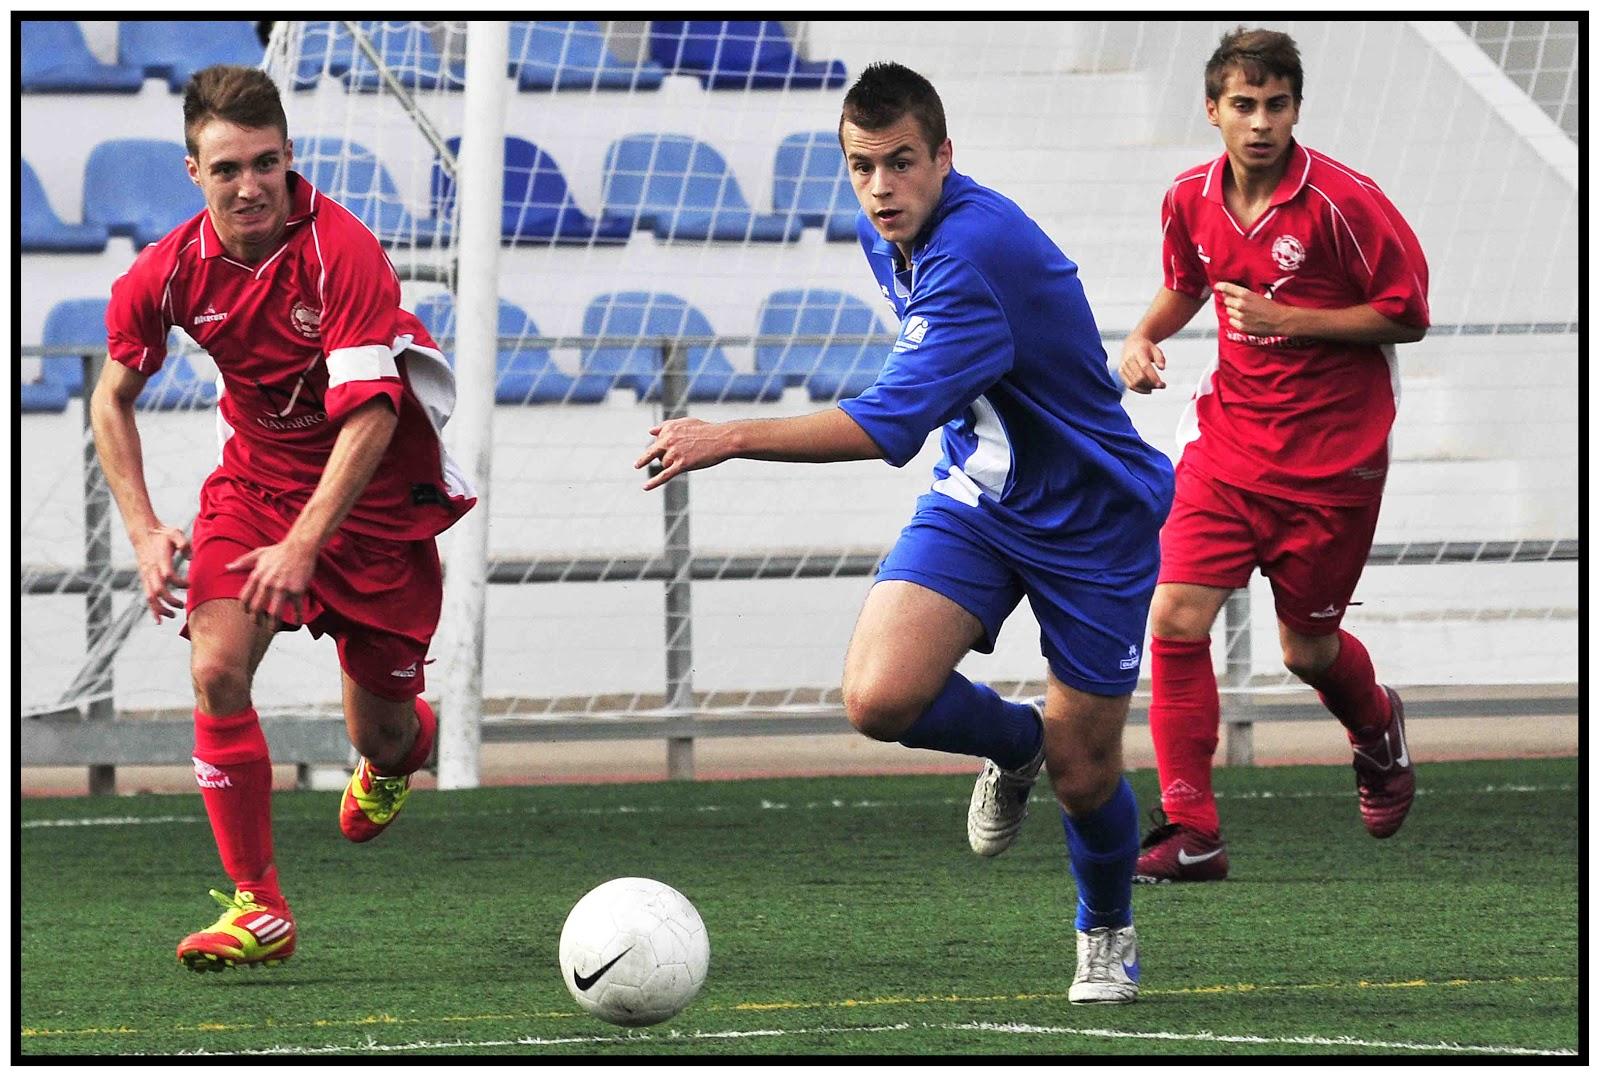 Por Qué Se Juega Al Fútbol Con 11 Jugadores Por Equipo: Manzanares DIGITAL: El Manzanares C.F. Juvenil Recibe Este